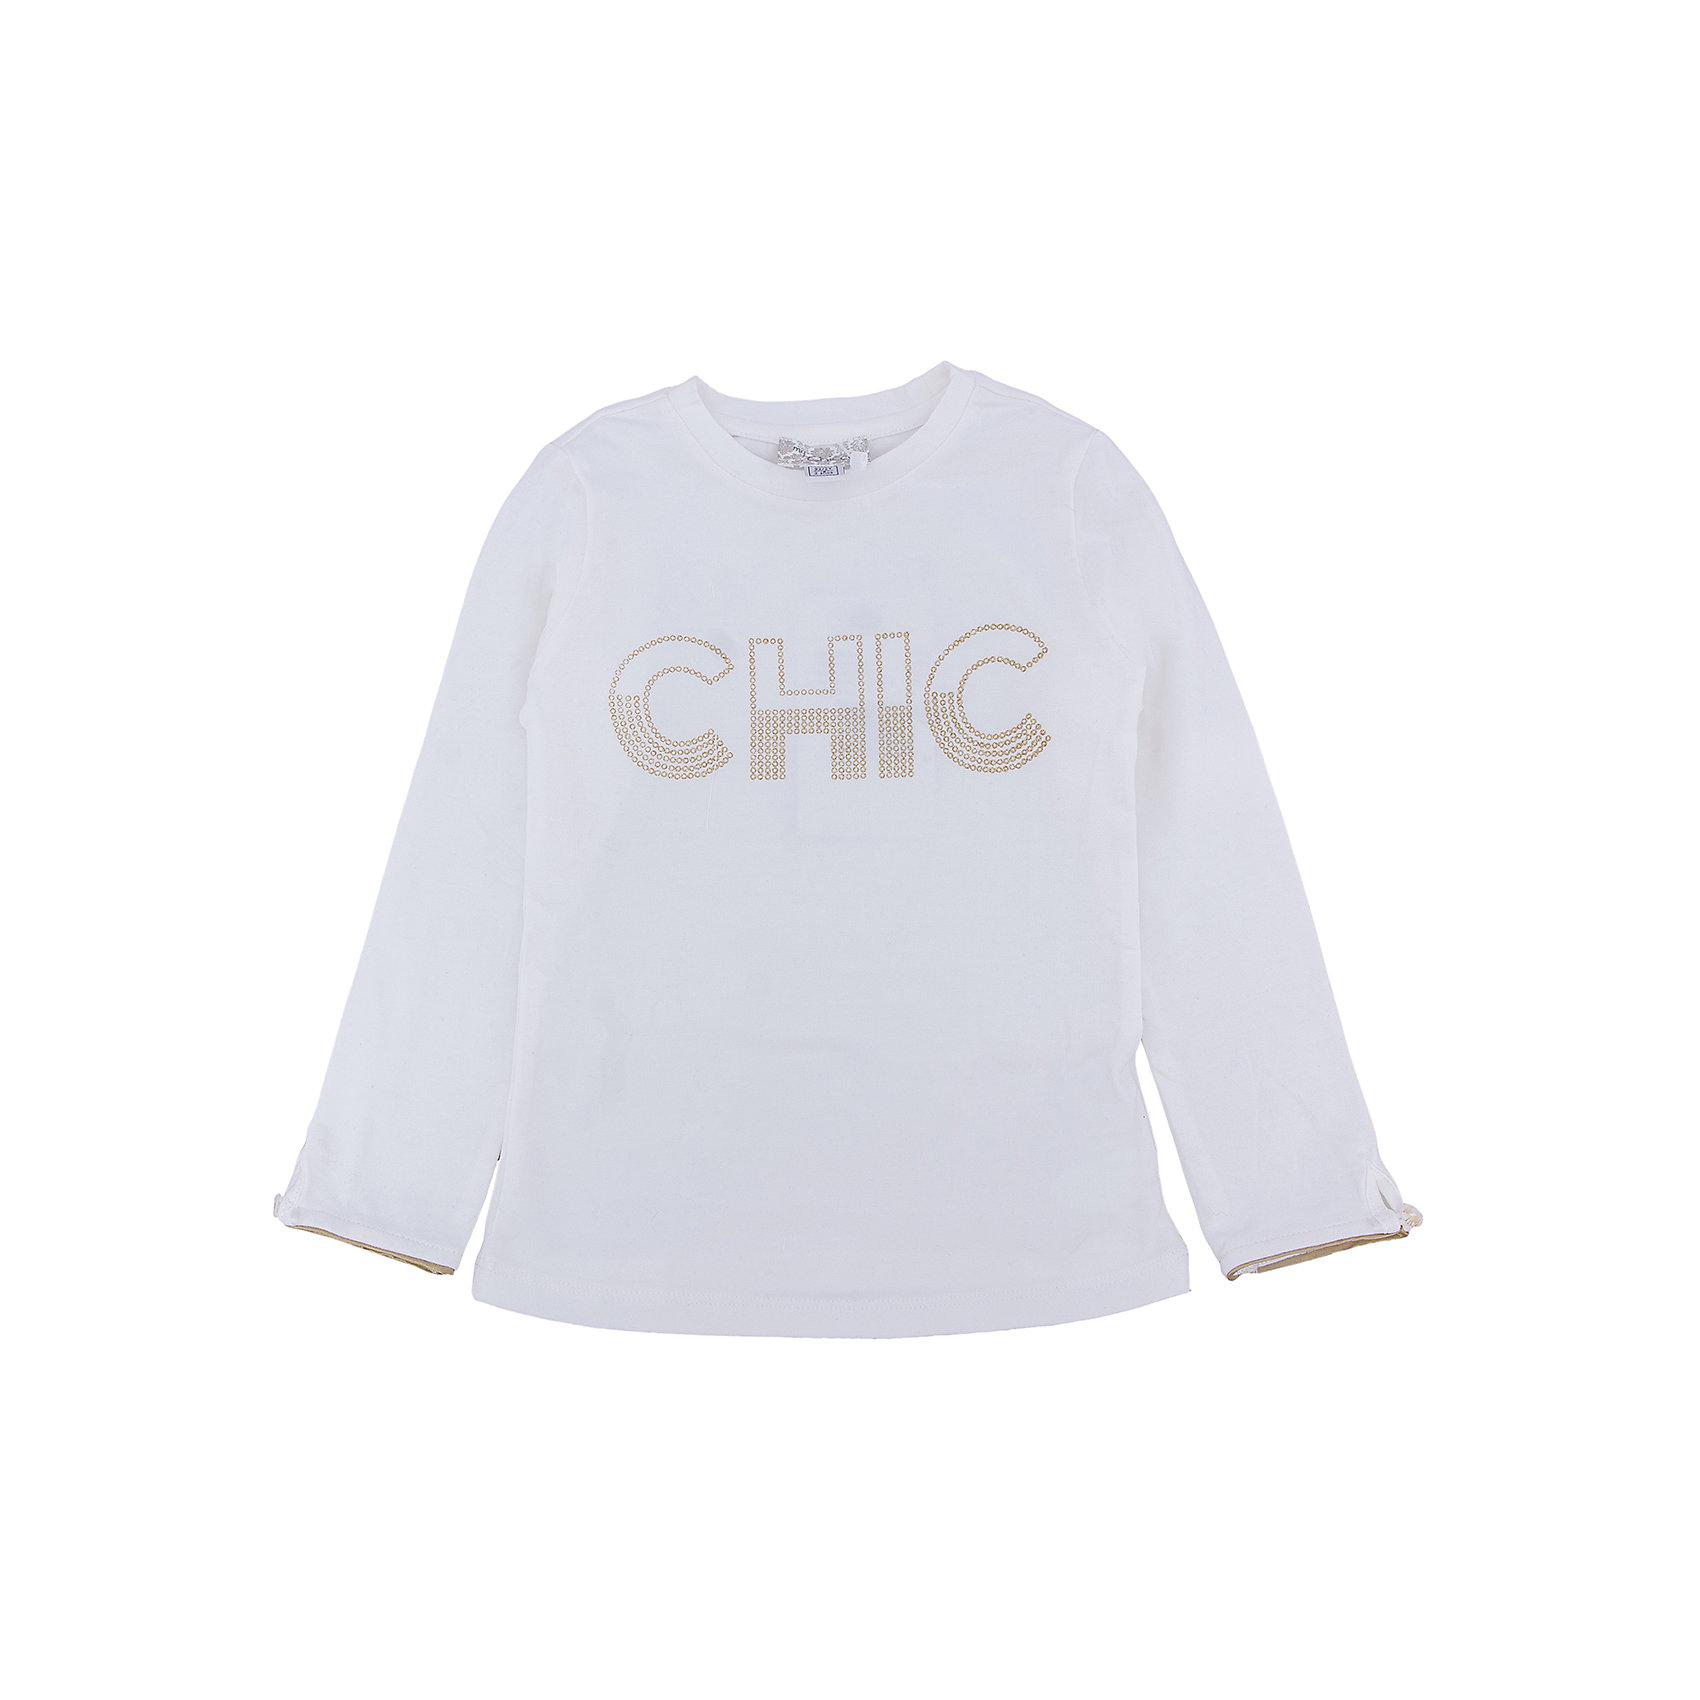 CHICCO Футболка с длинным рукавом CHICCO для девочки chicco туника с длинным рукавом chicco для девочки